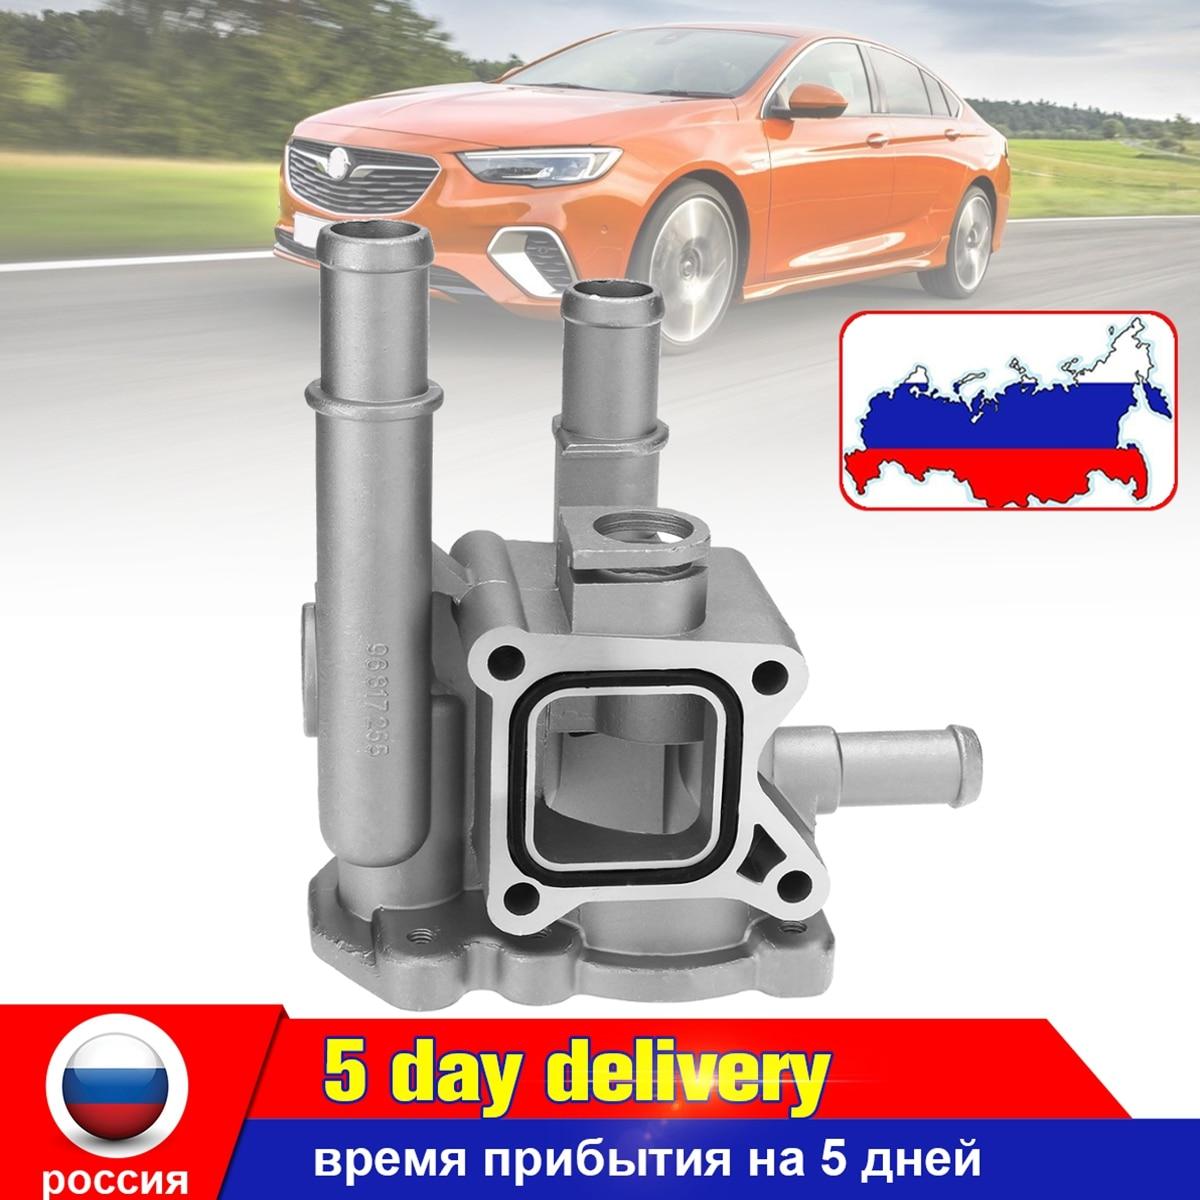 Di alluminio di Raffreddamento Del Motore Termostato con Alloggiamento per Chevrolet Chevy per Cruze Orlando Astra Zafira 96984103 96817255 96984104